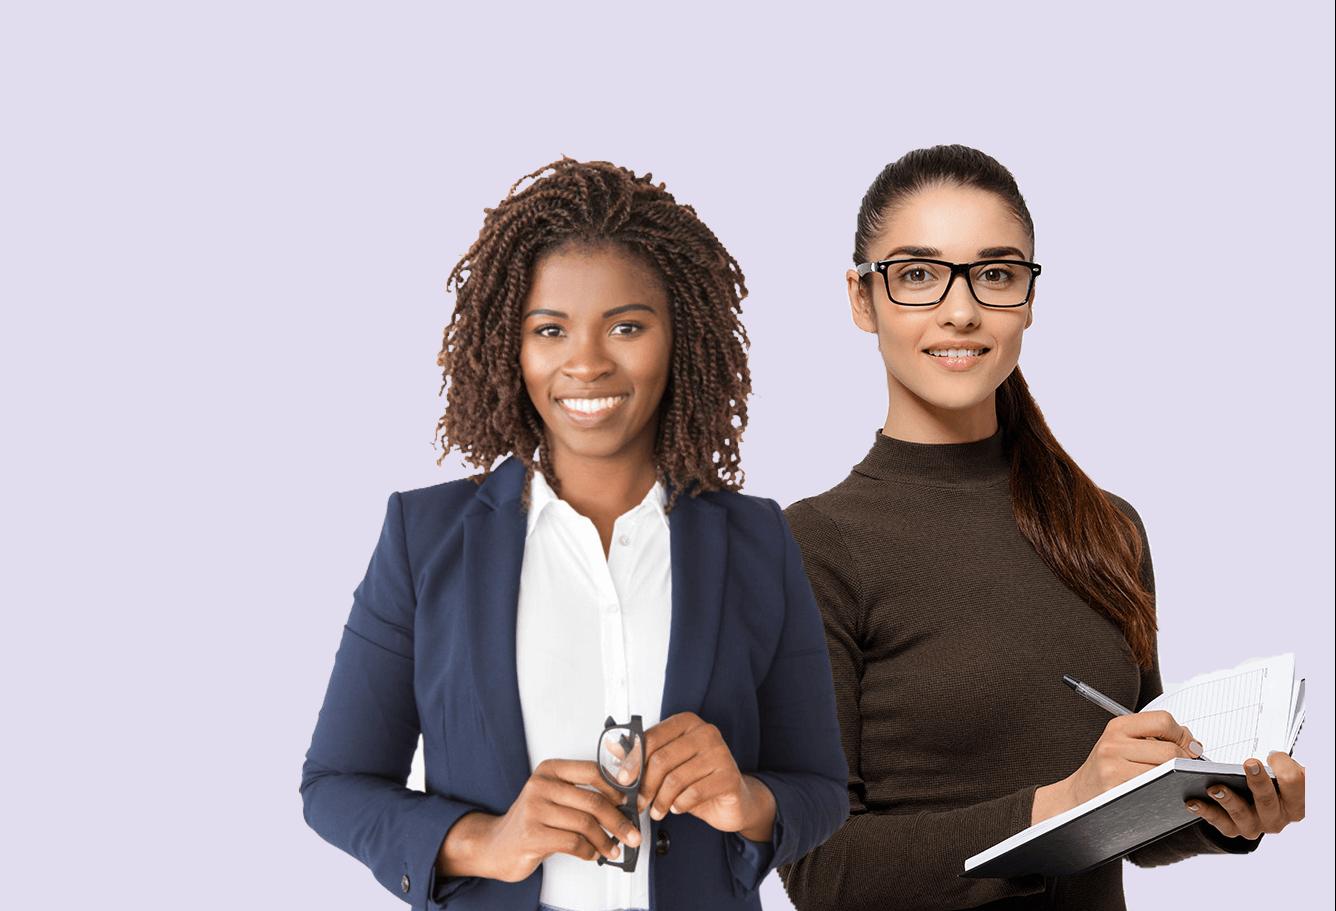 hire global teams